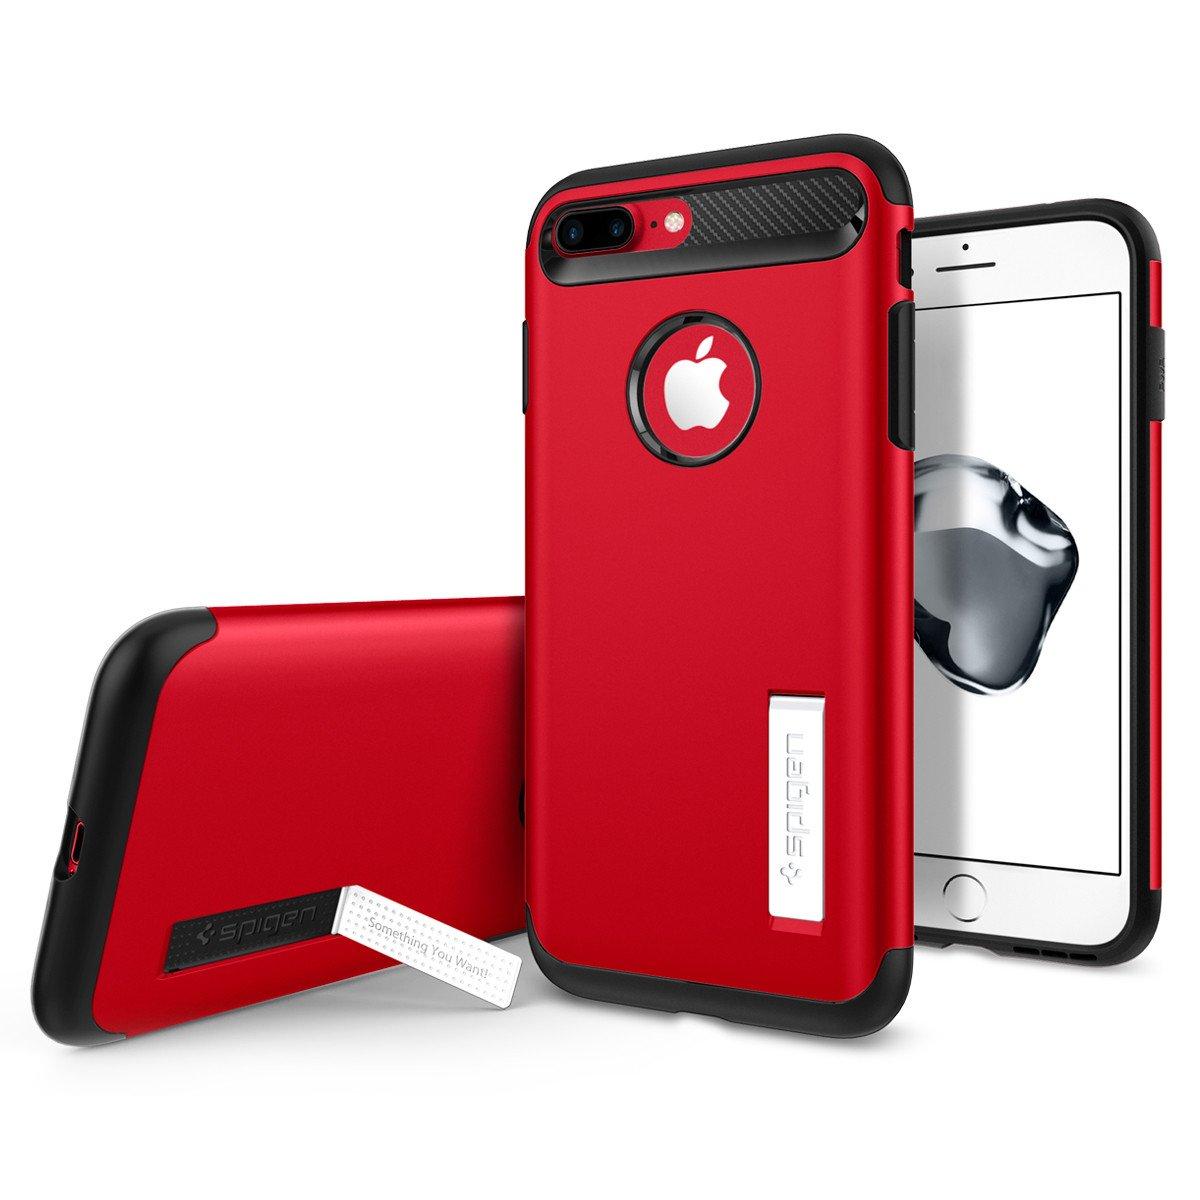 Чехол Spigen Slim Armor для iPhone 7 Plus красный (SGP-043CS21521)Чехлы для iPhone 7 Plus<br>Spigen Slim Armor — это тончайшая двухслойная защита для вашего Айфон.<br><br>Цвет товара: Красный<br>Материал: Поликарбонат, полиуретан